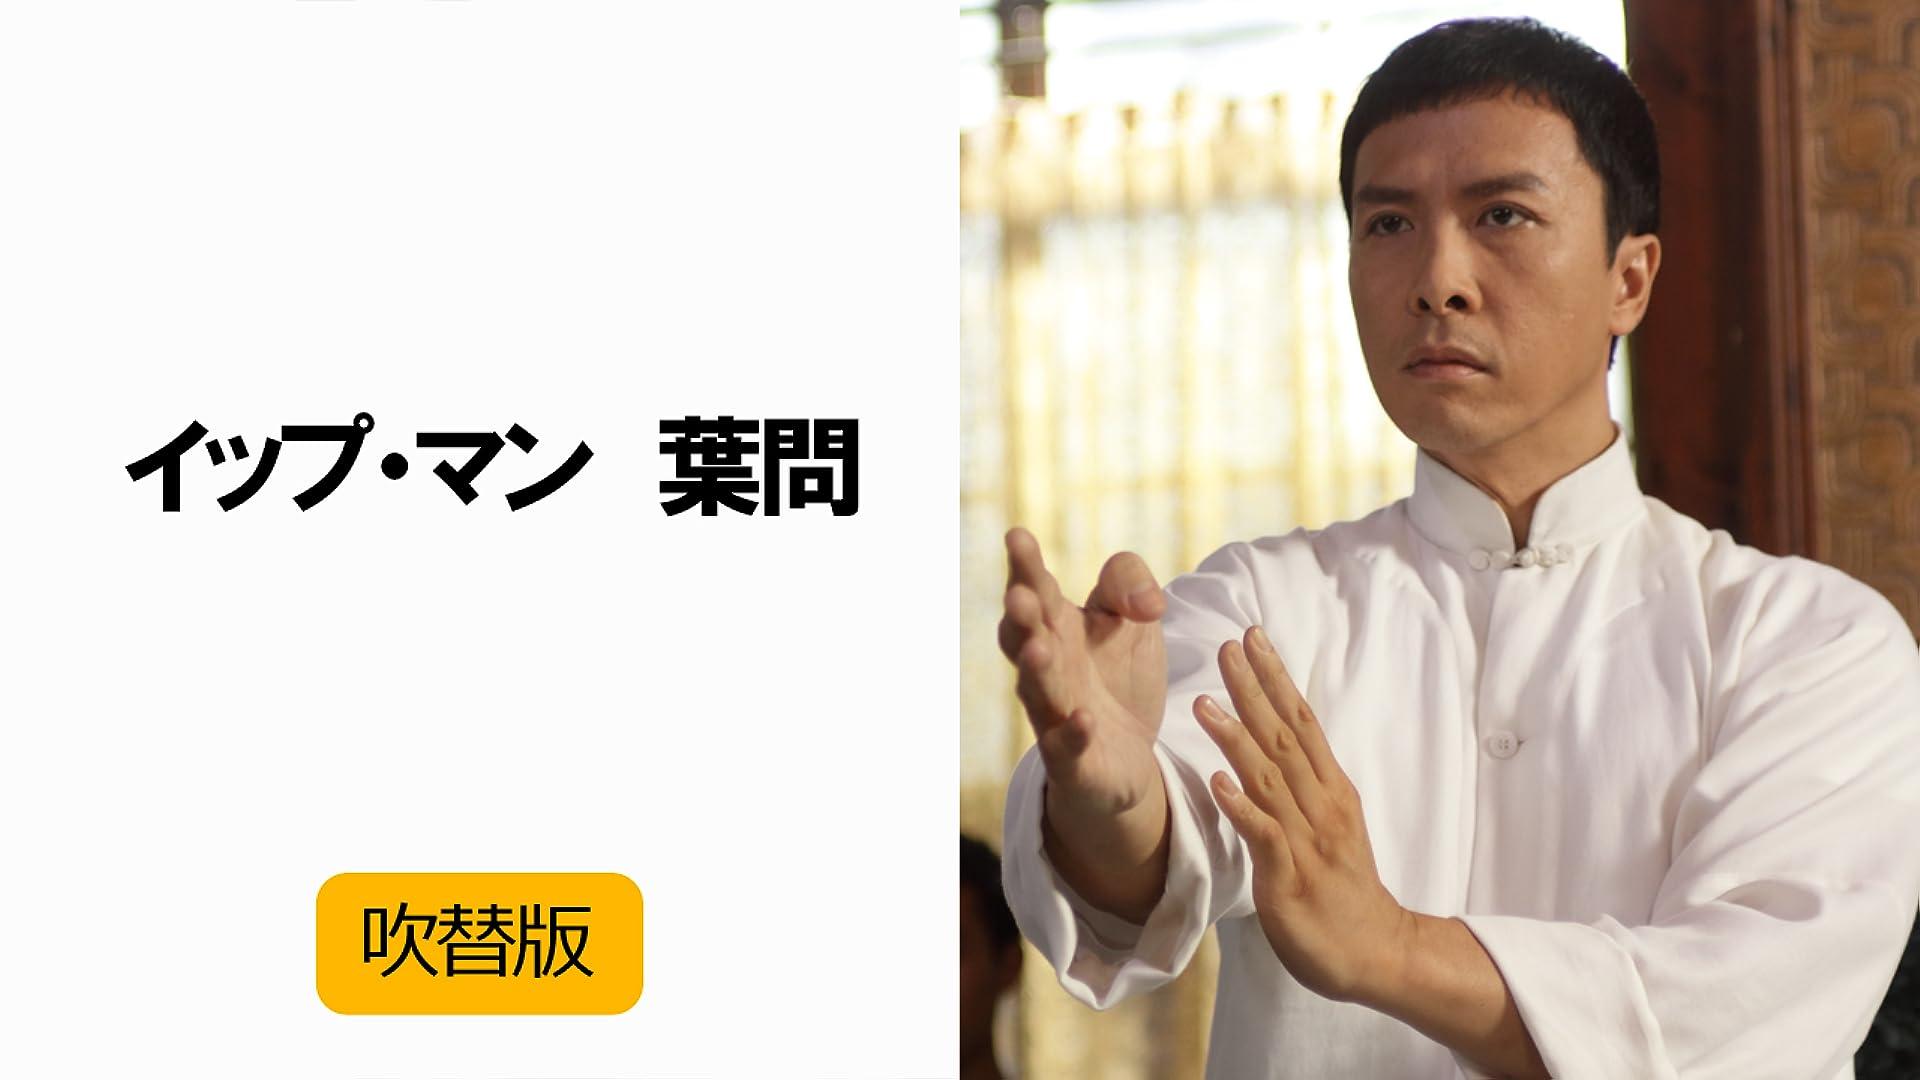 イップ・マン 葉問(吹替版)